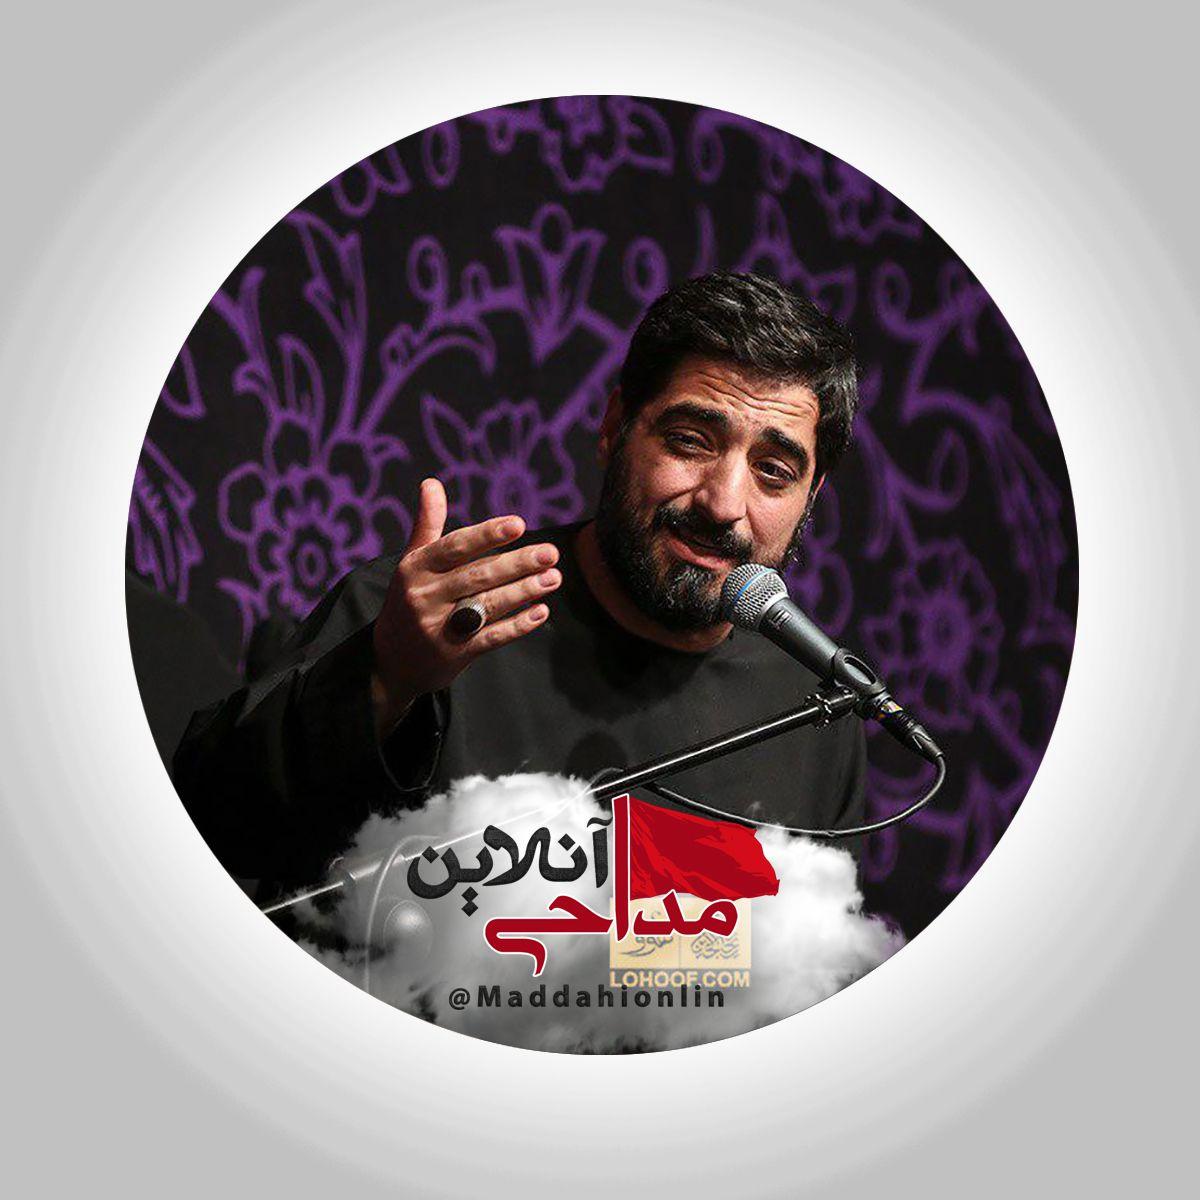 سید مجید بنی فاطمه شب دهم عاشورا محرم